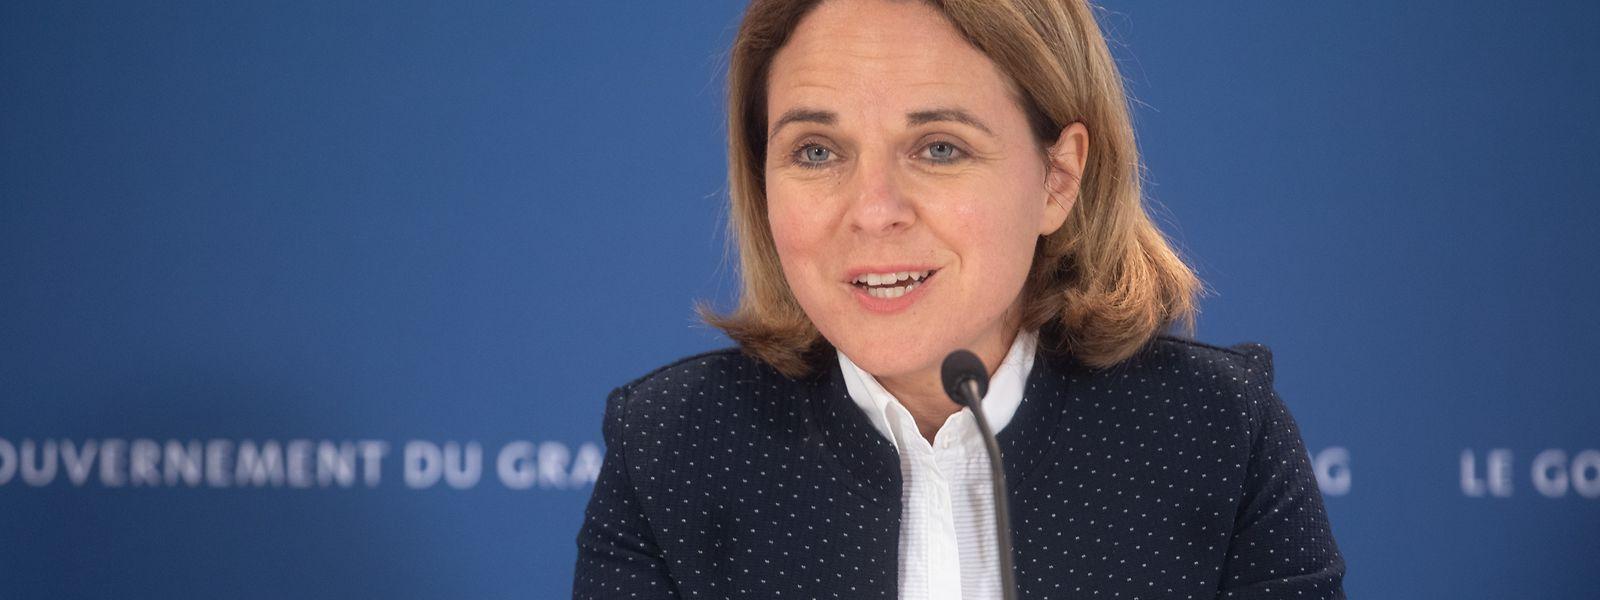 Familienministerin Corinne Cahen wirft der Opposition vor, ihren Rücktritt einzig und allein aus parteipolitischen Gründen gefordert zu haben.